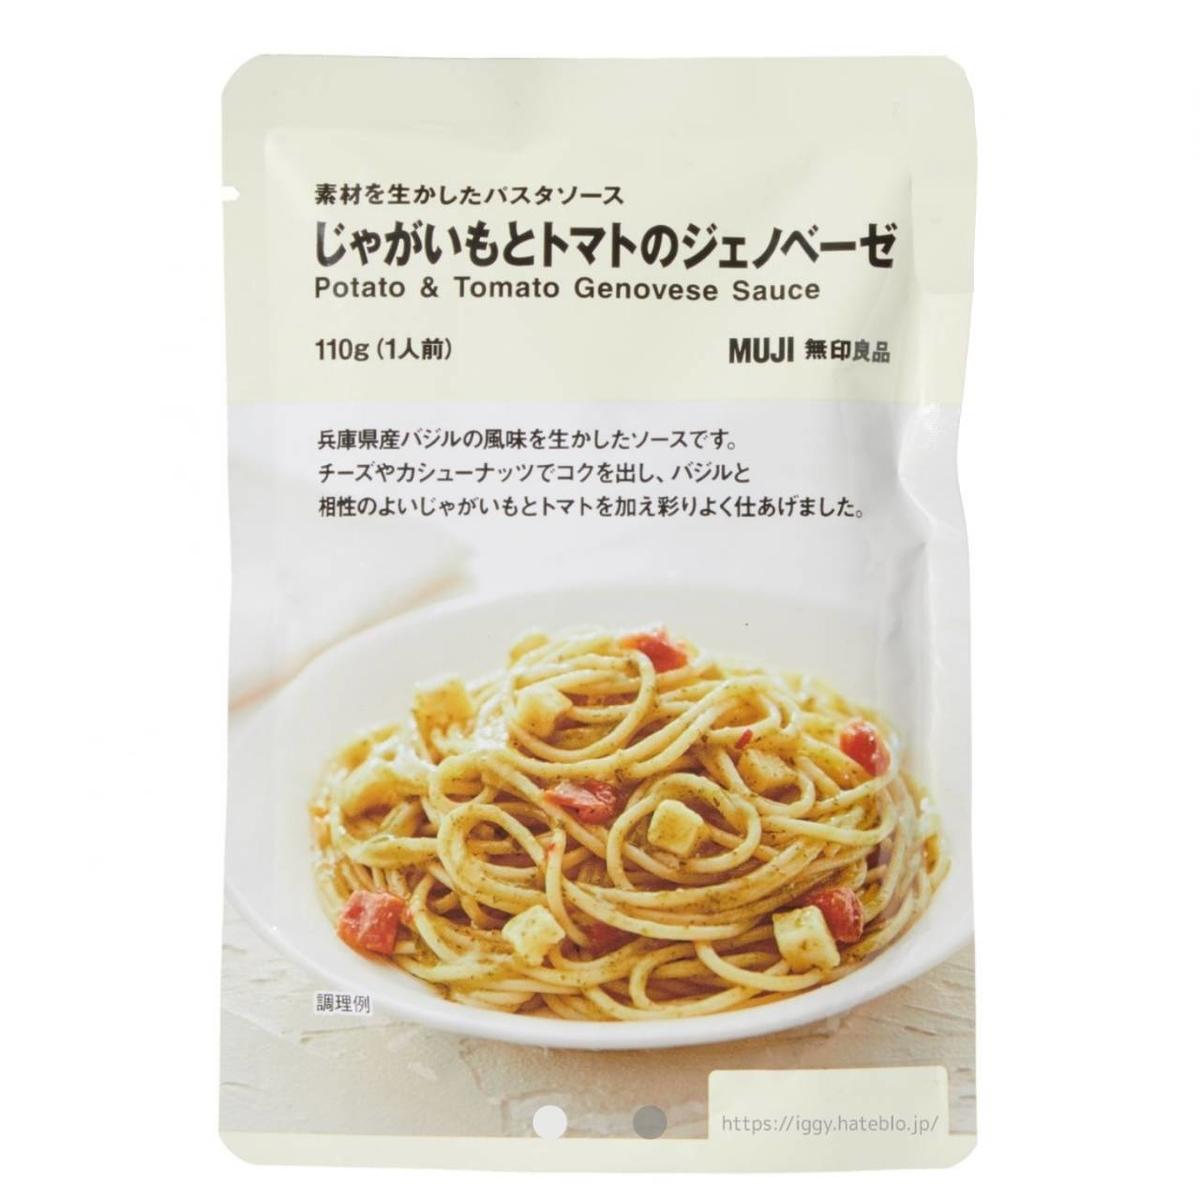 無印良品『じゃがいもとトマトのジェノベーゼ』 原材料、カロリー・栄養成分 口コミ レビュー